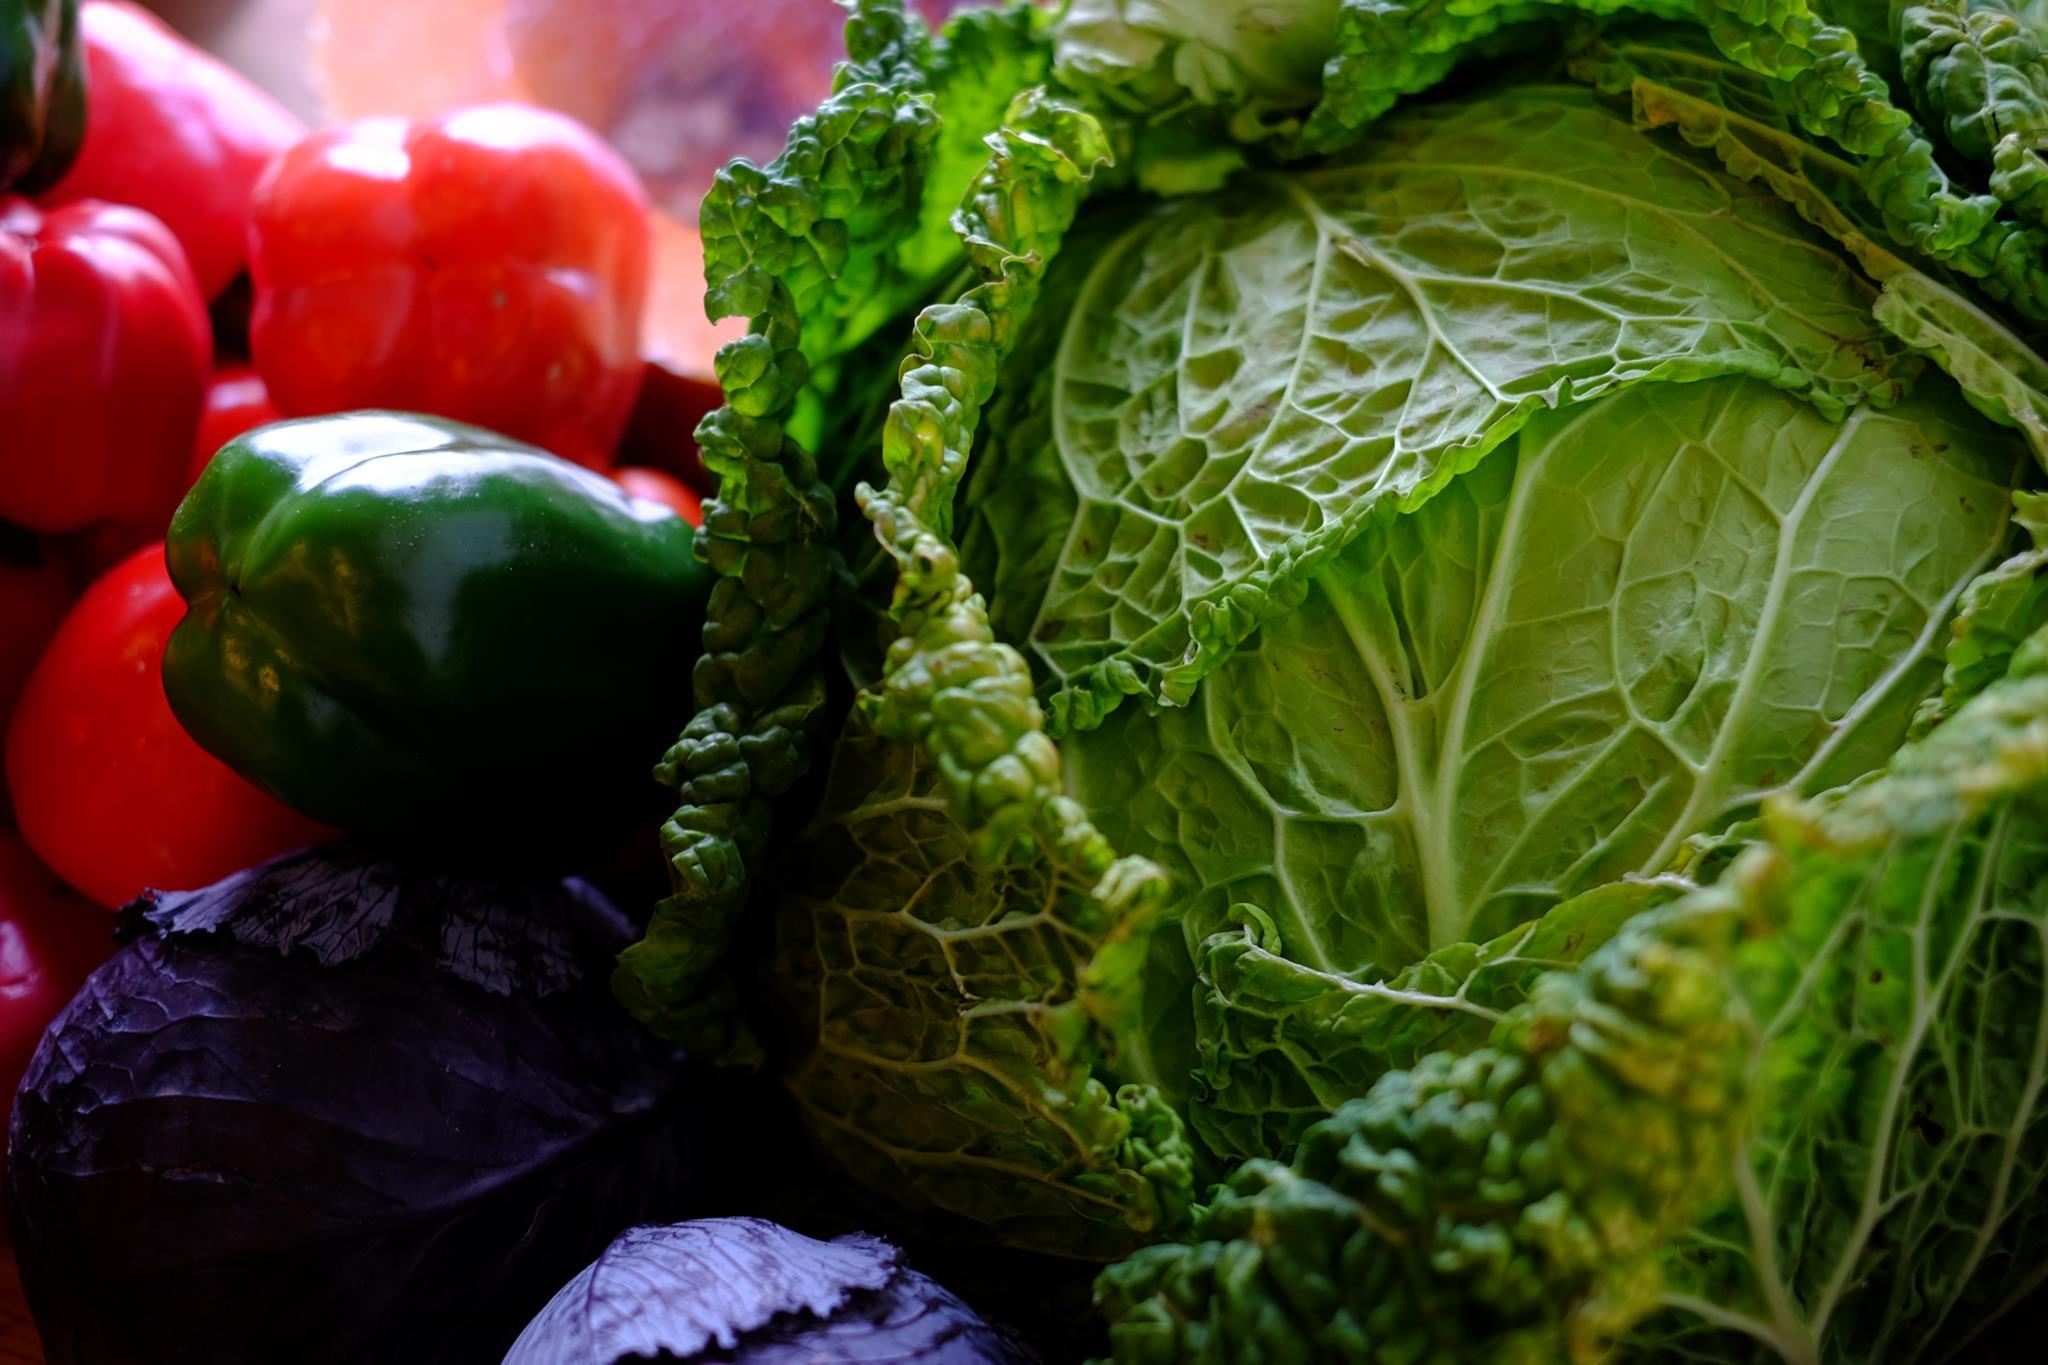 É possível perder uns quilos com uma dieta vegan, mas cuidado